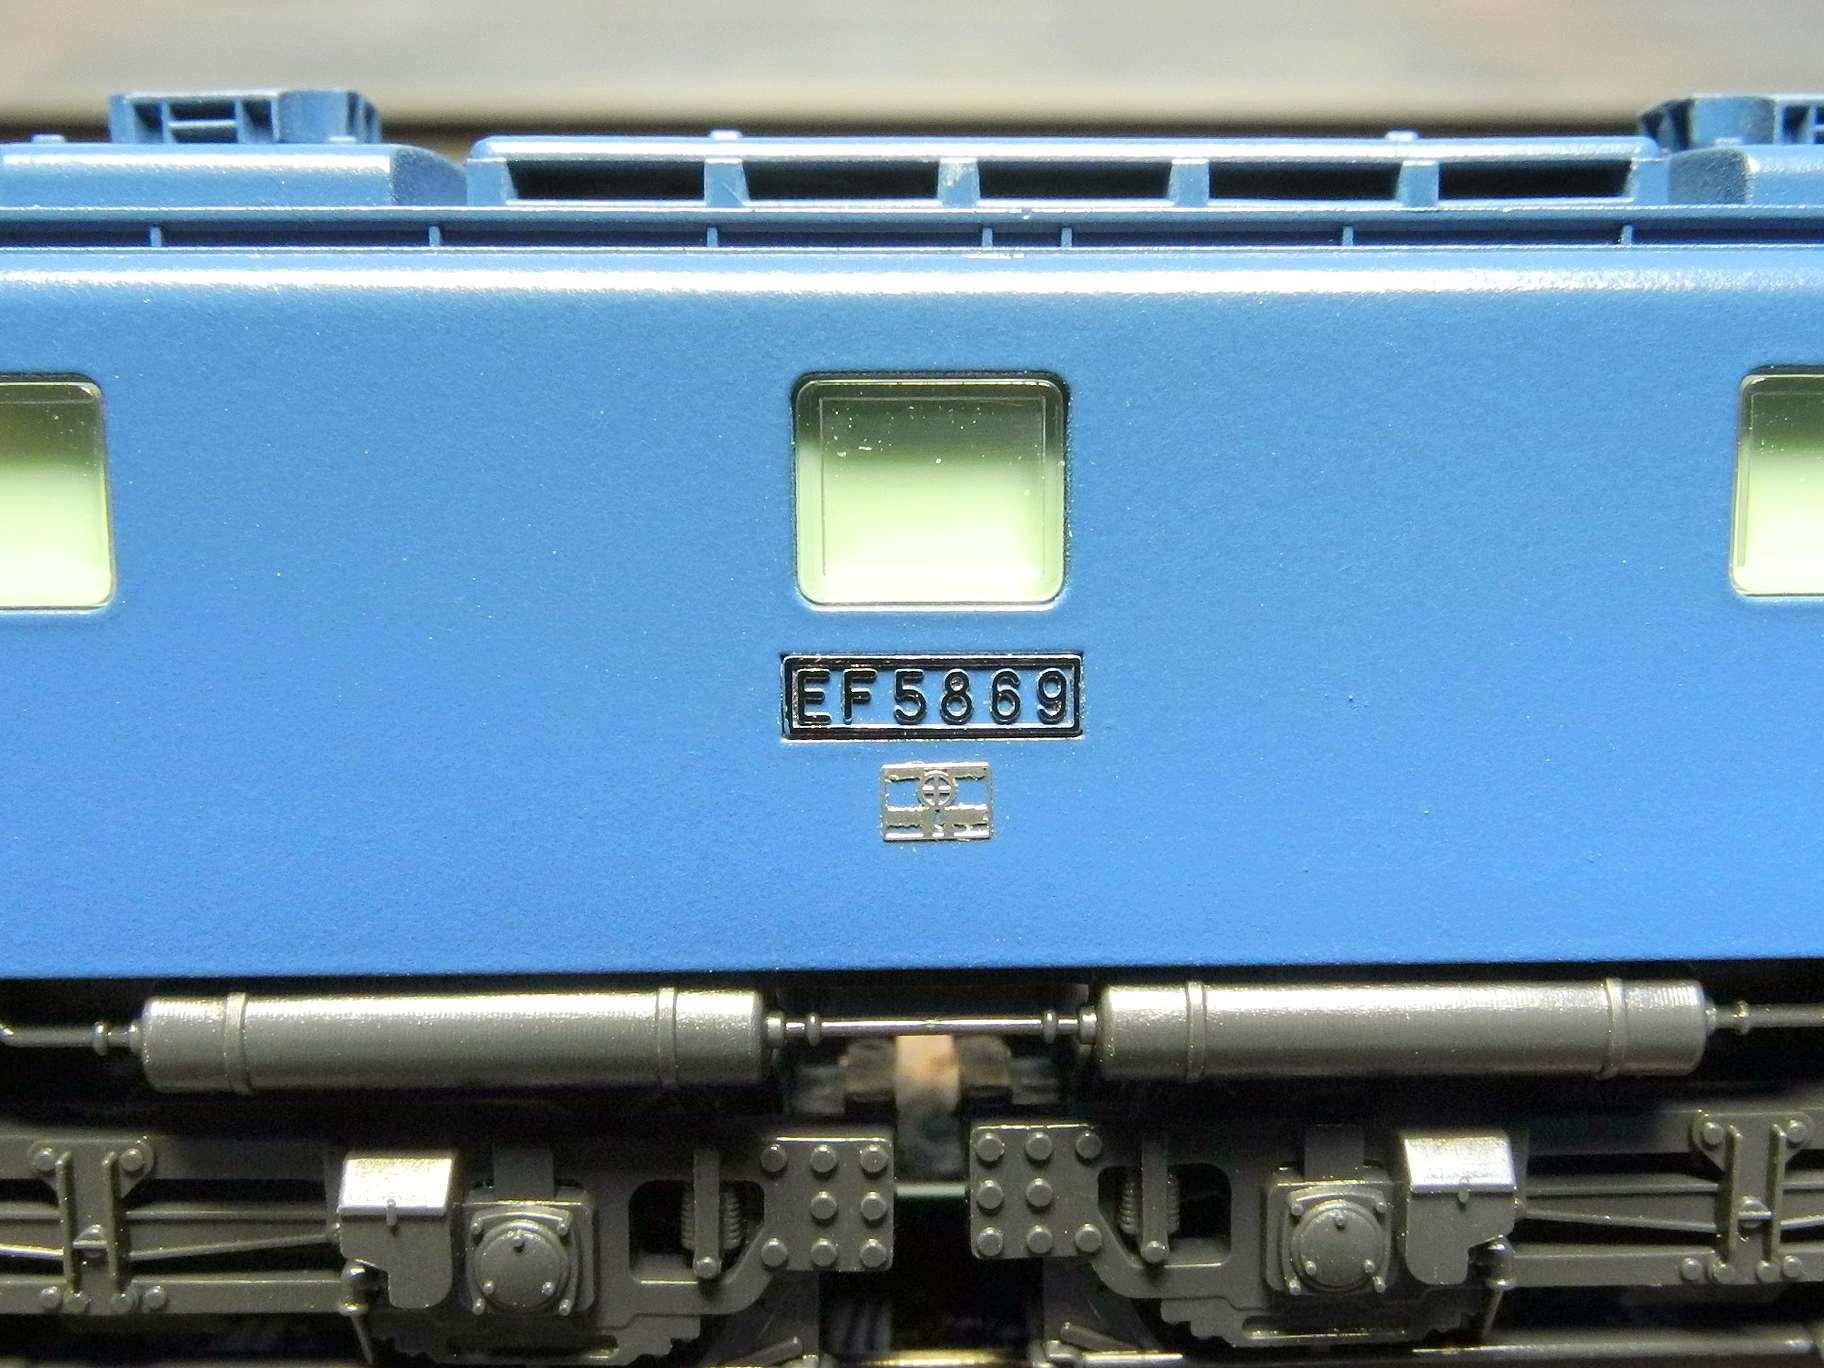 DSCN7762-1.jpg